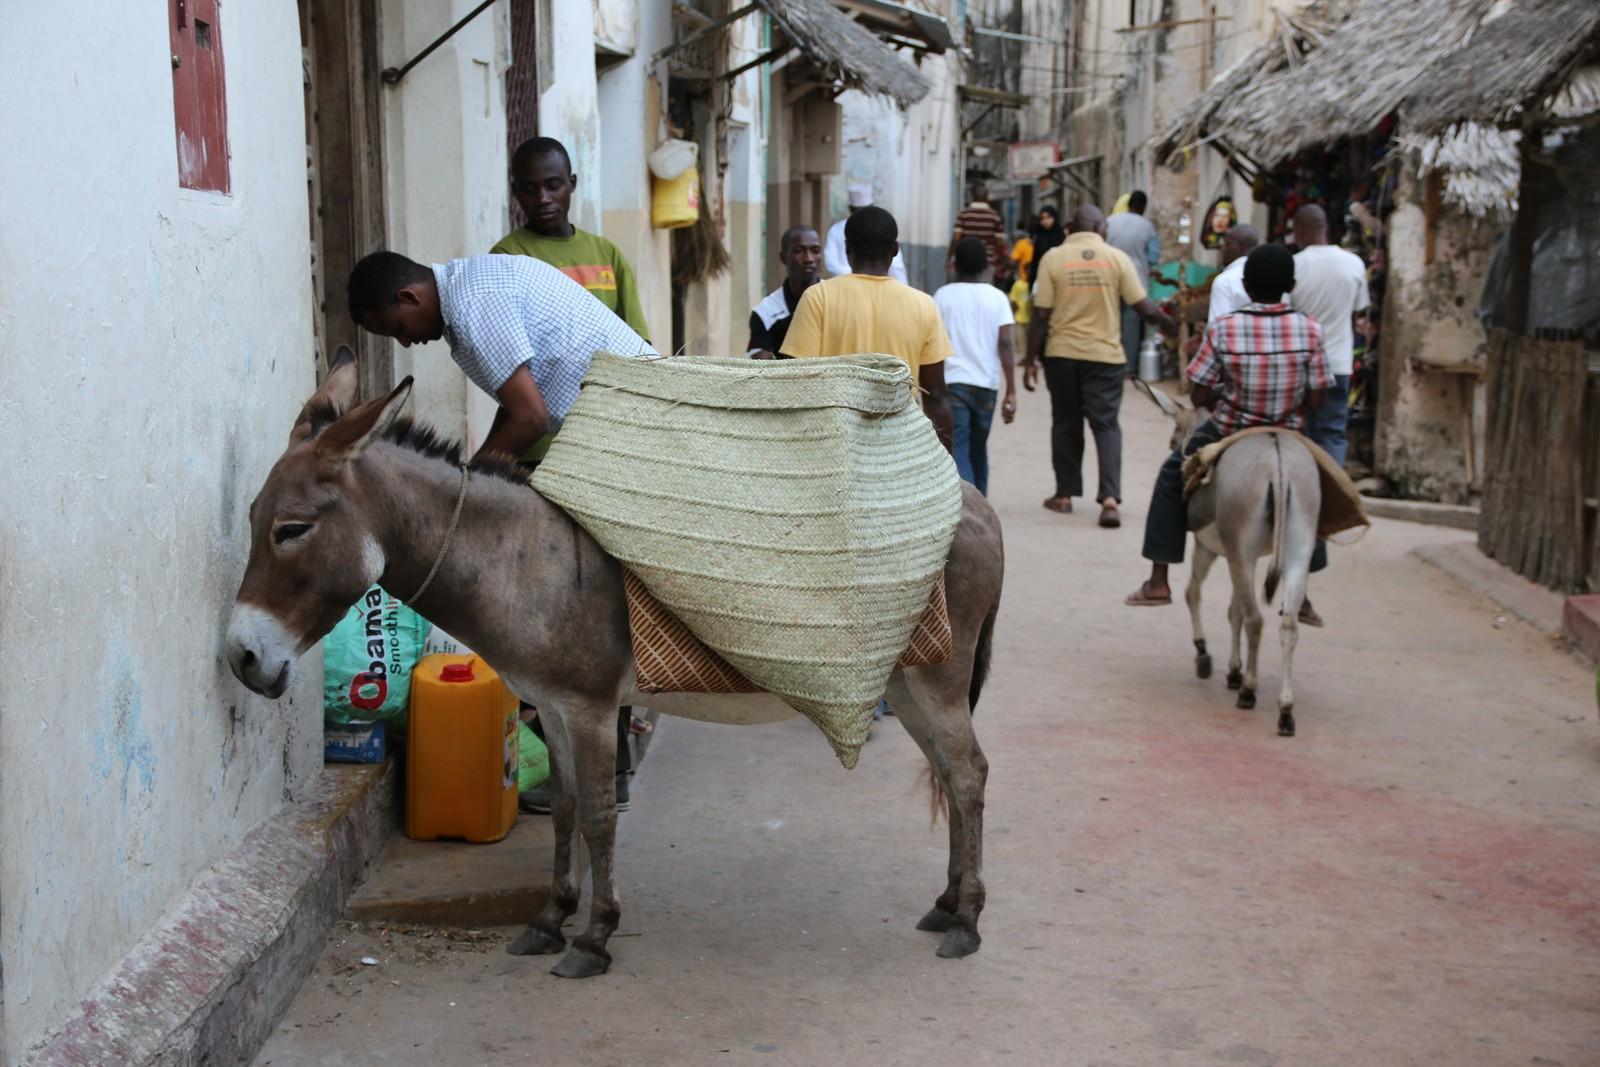 Lamu har verdens tetteste eselbestand i forhold til folketallet.